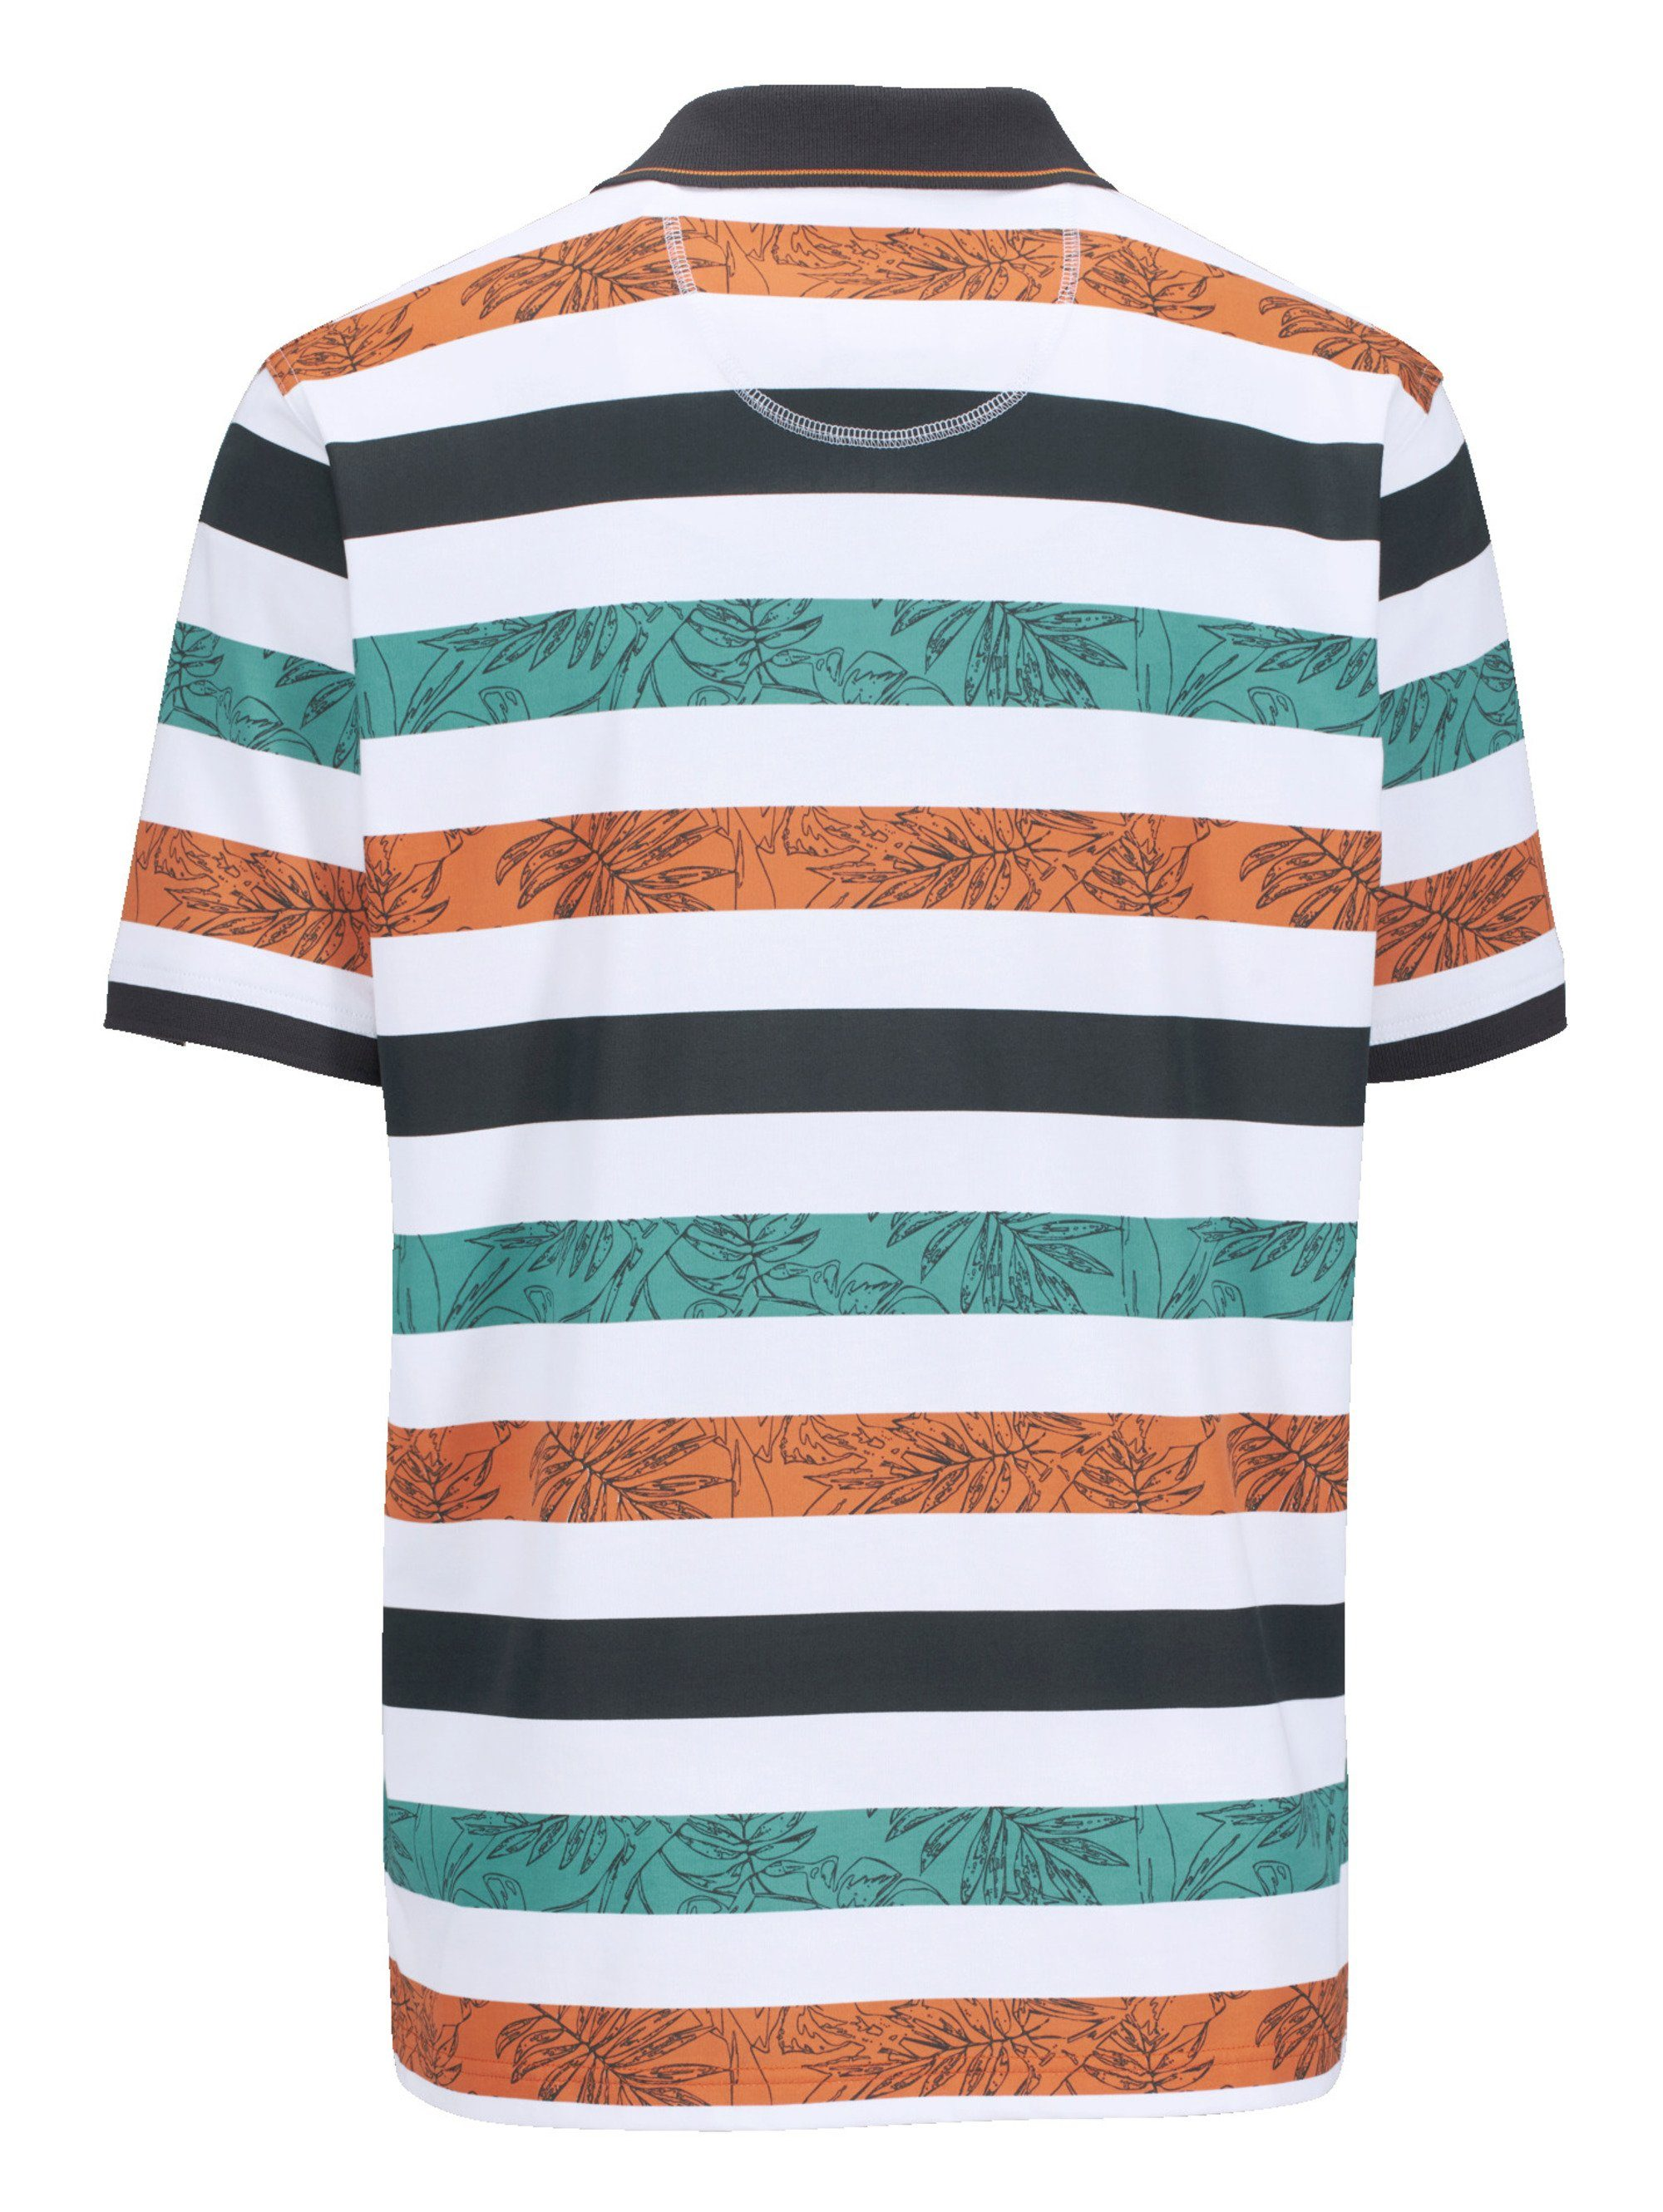 Poloshirt Hervorragenden Babista Online Kaufen Mit Materialeigenschaften wPukXiTZO